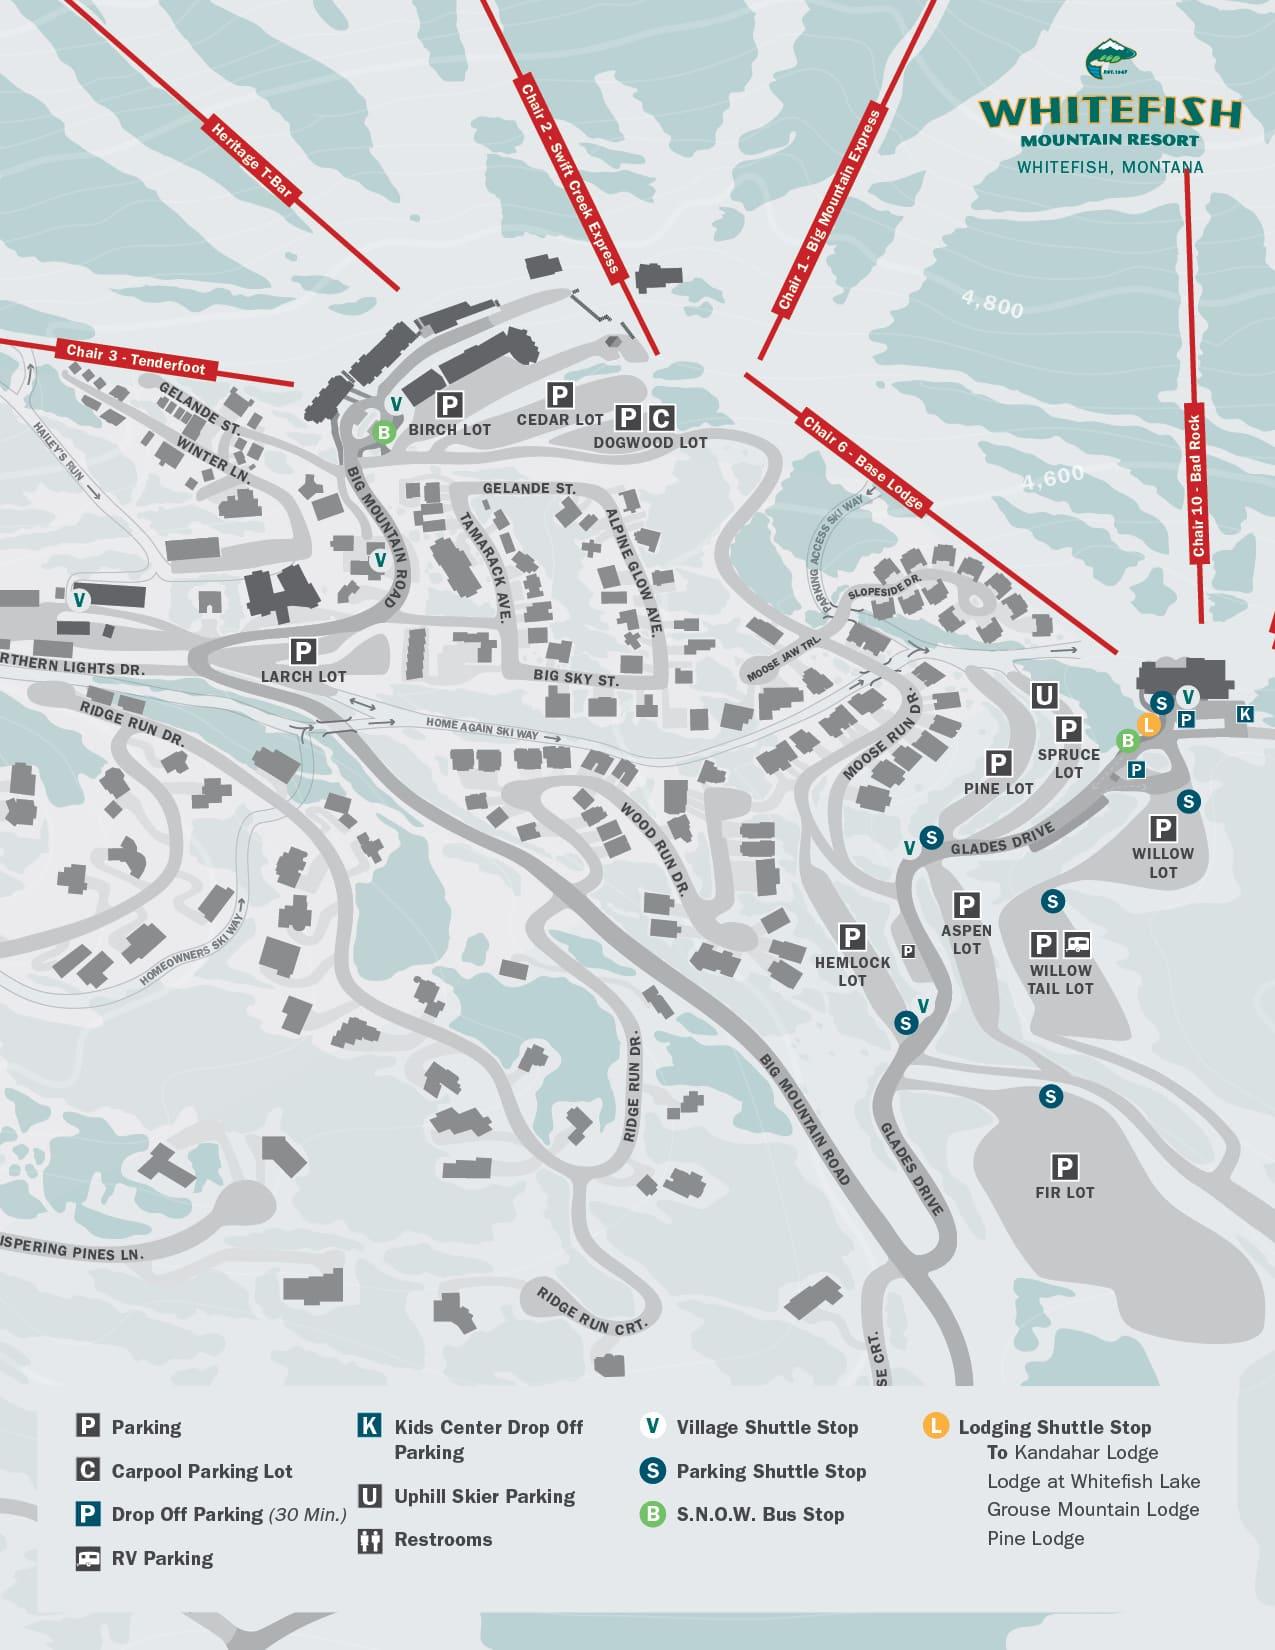 Parking Shuttle Map 2021